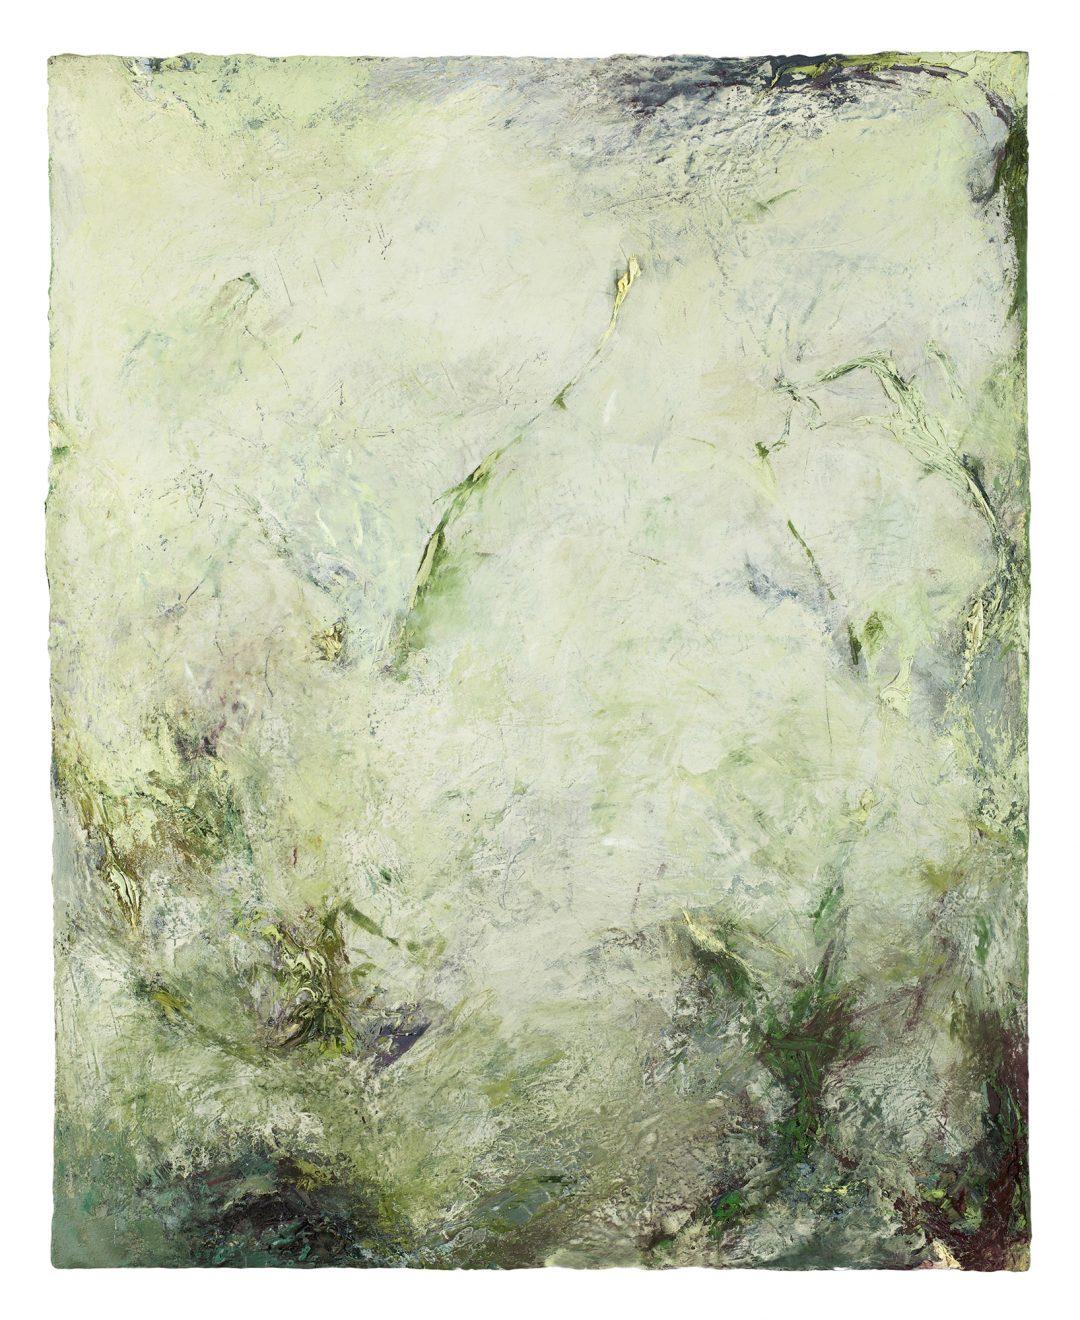 -anne-manoli-2017-peinture-huile-sur-toile-148cmx118cm-serie-les-moires-galerie-nicolas-deman-paris-collection-particuliere-